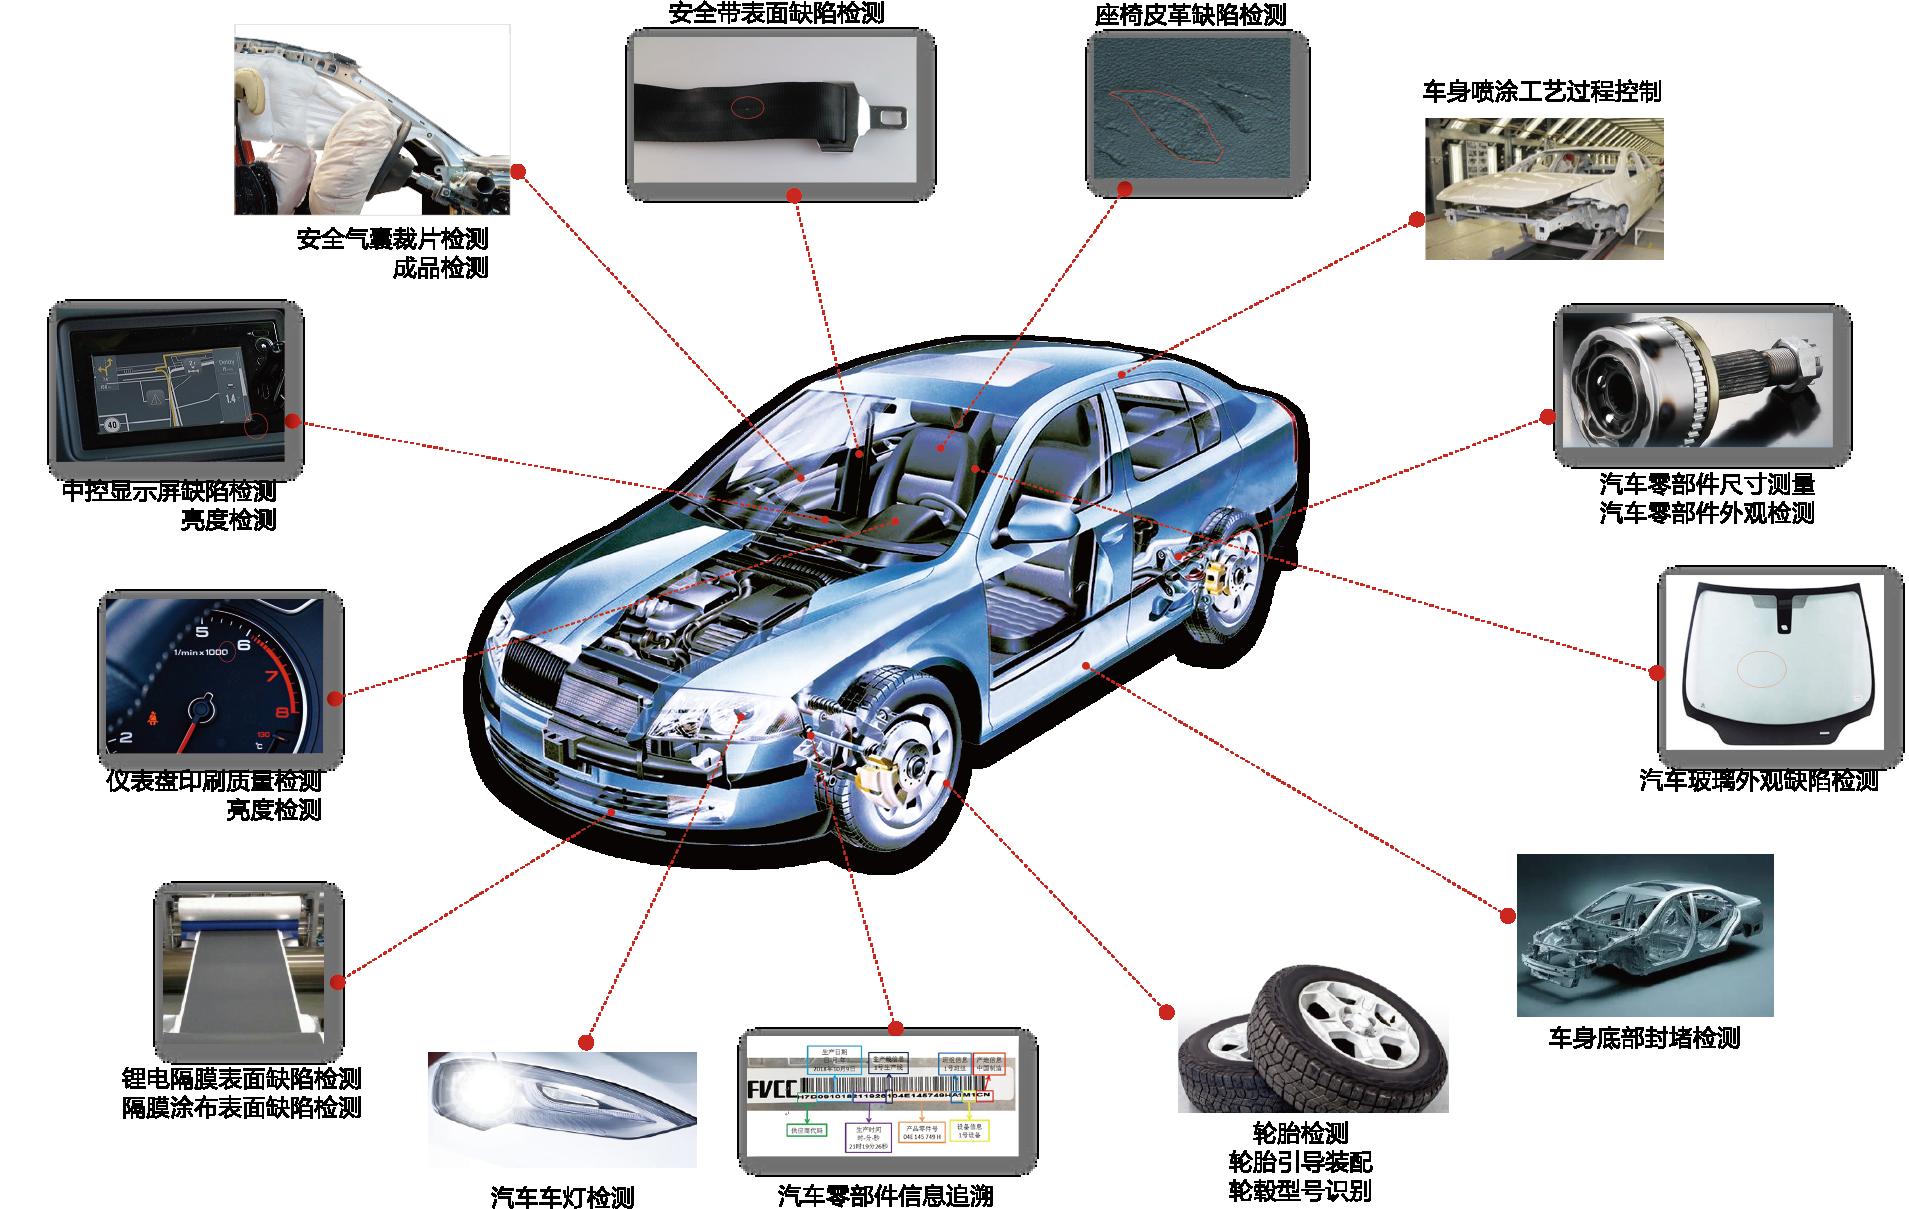 深度学习:AI智能检测系统让汽车行业实现智造-机器视觉_视觉检测设备_3D视觉_缺陷检测